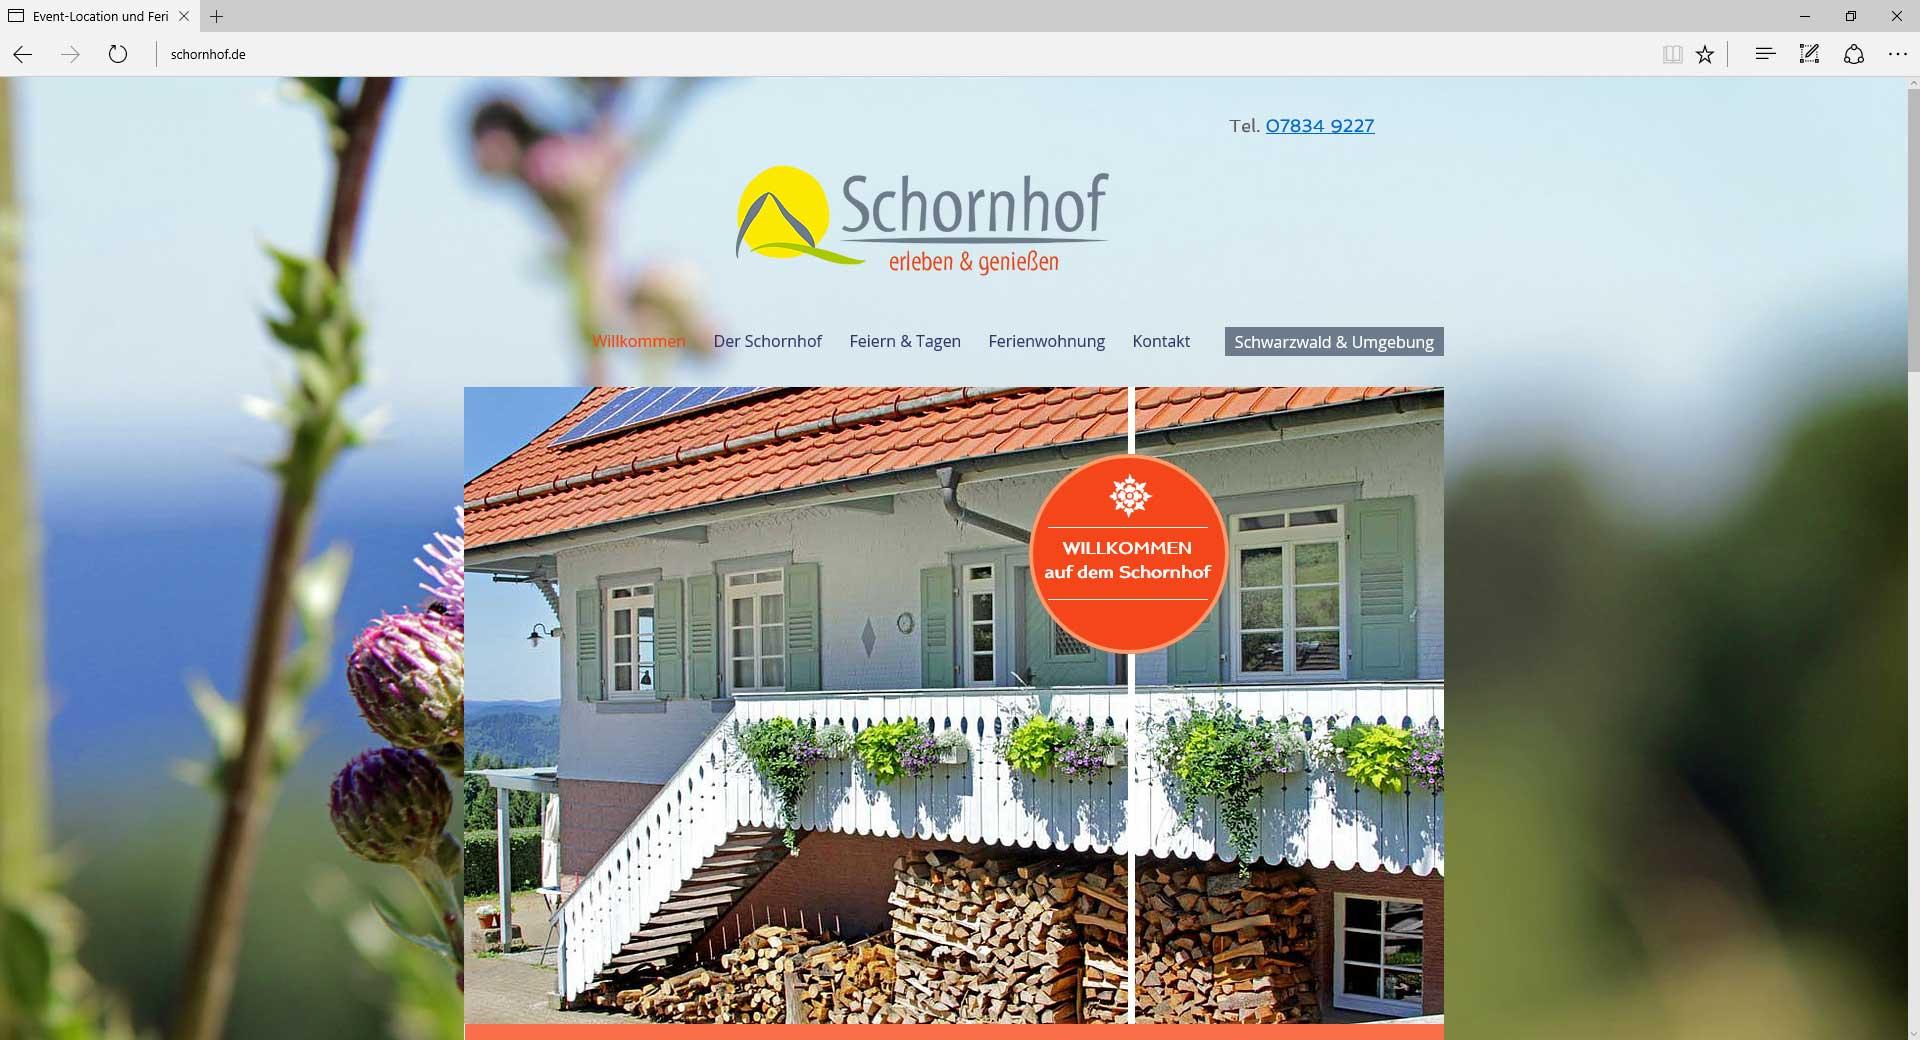 schornhof, Webseite.